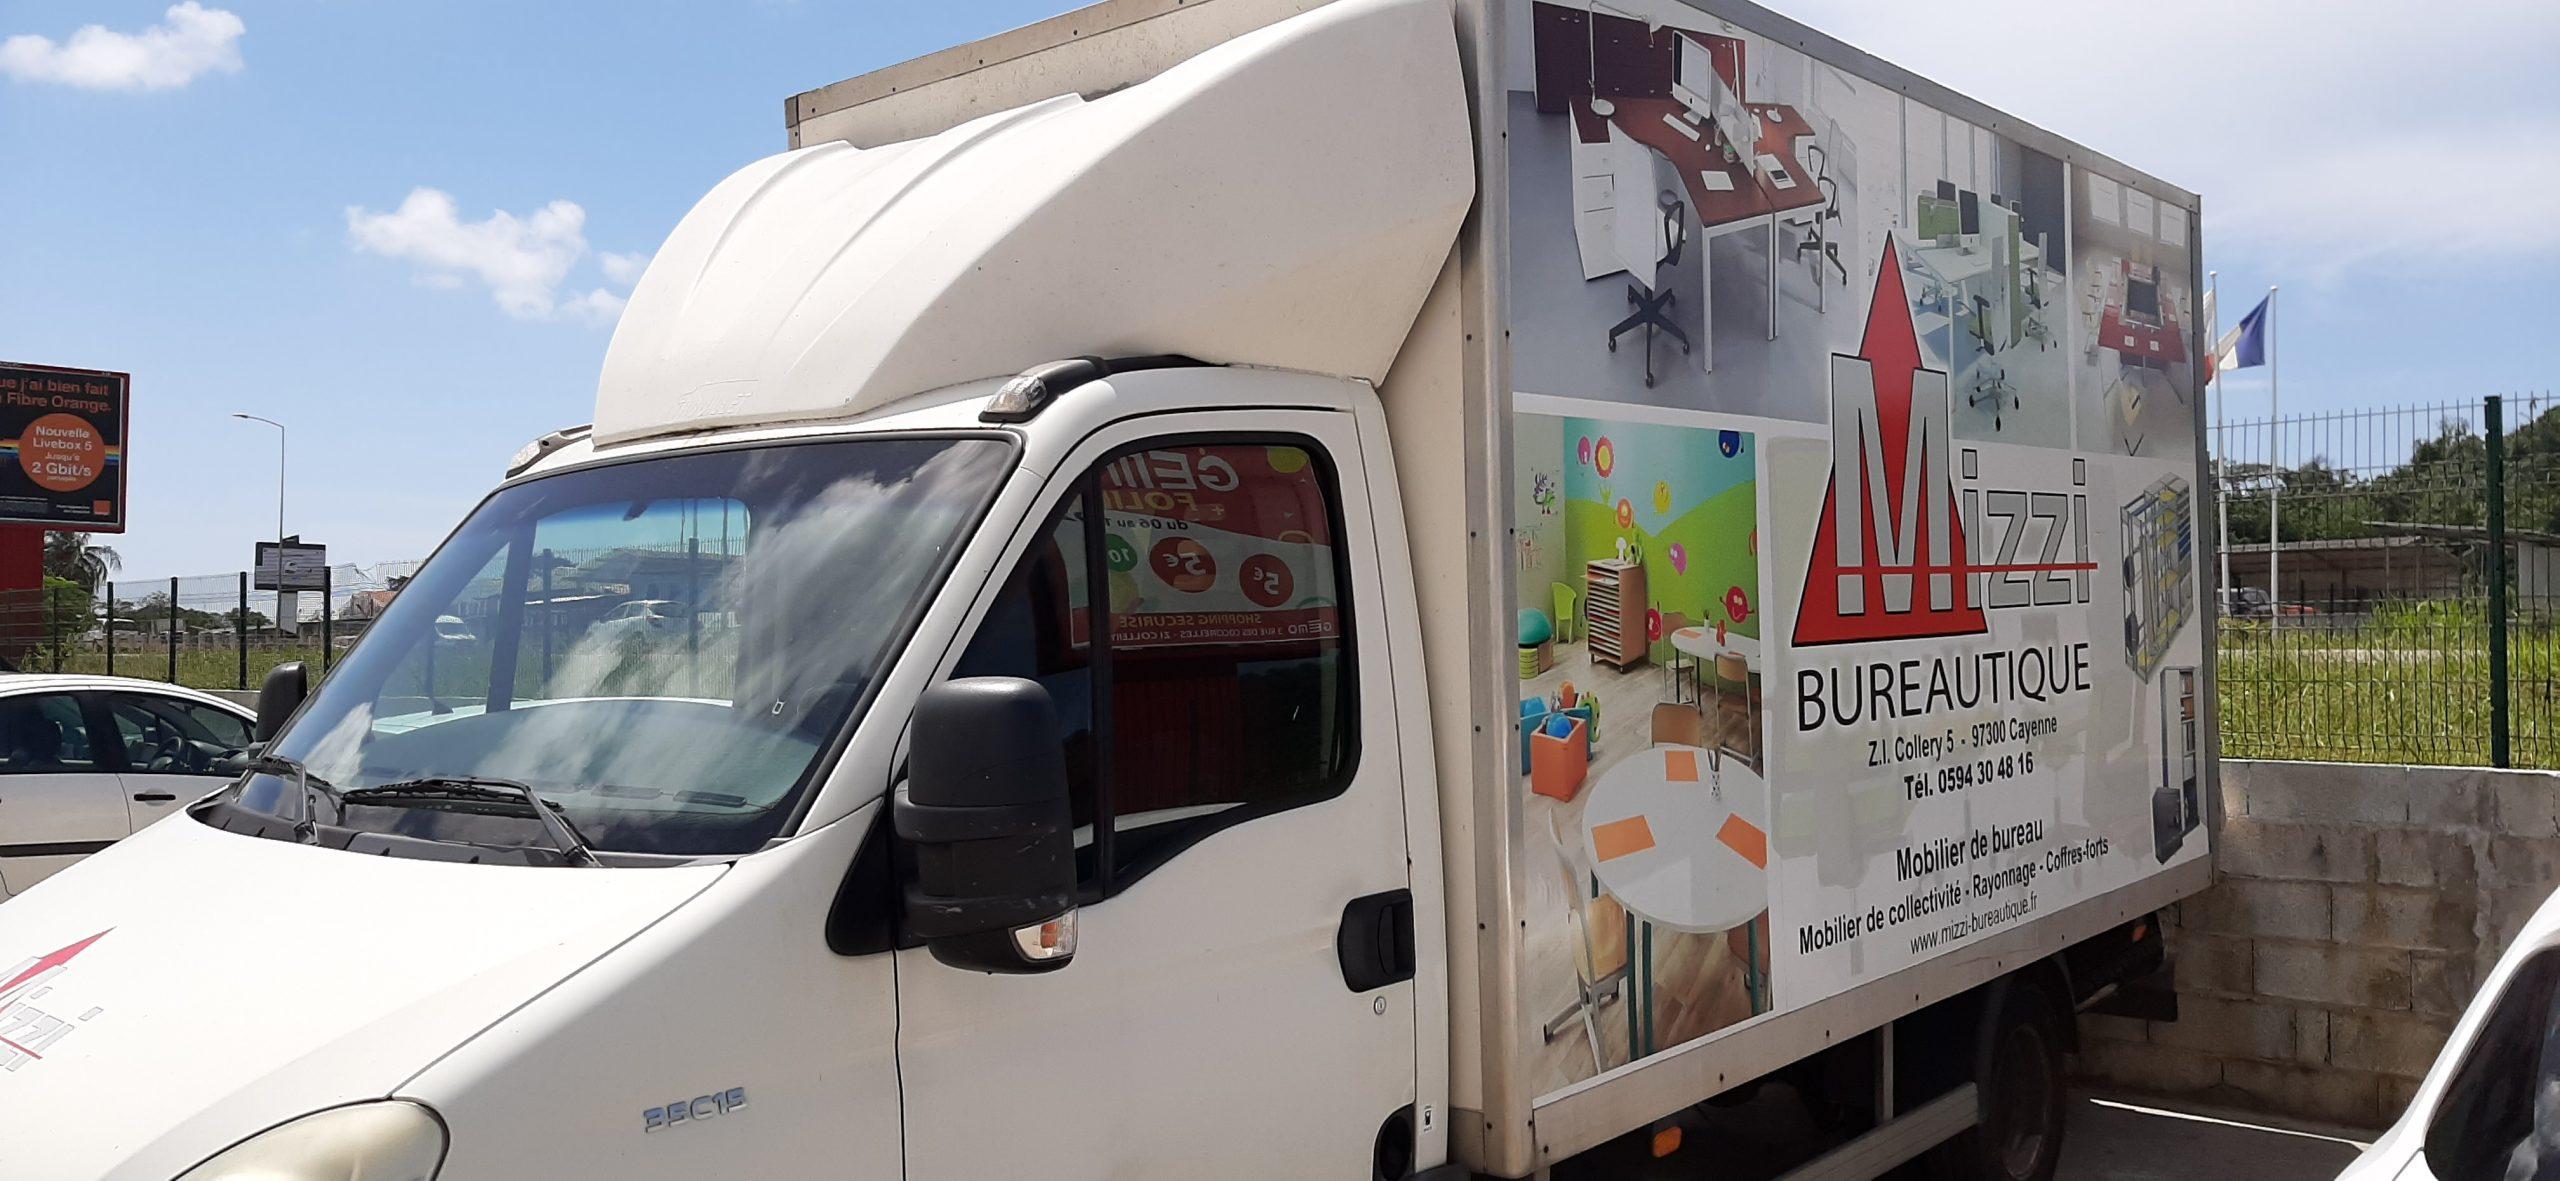 Camion de livraison Iveco Mizzi Bureautique vue gauche